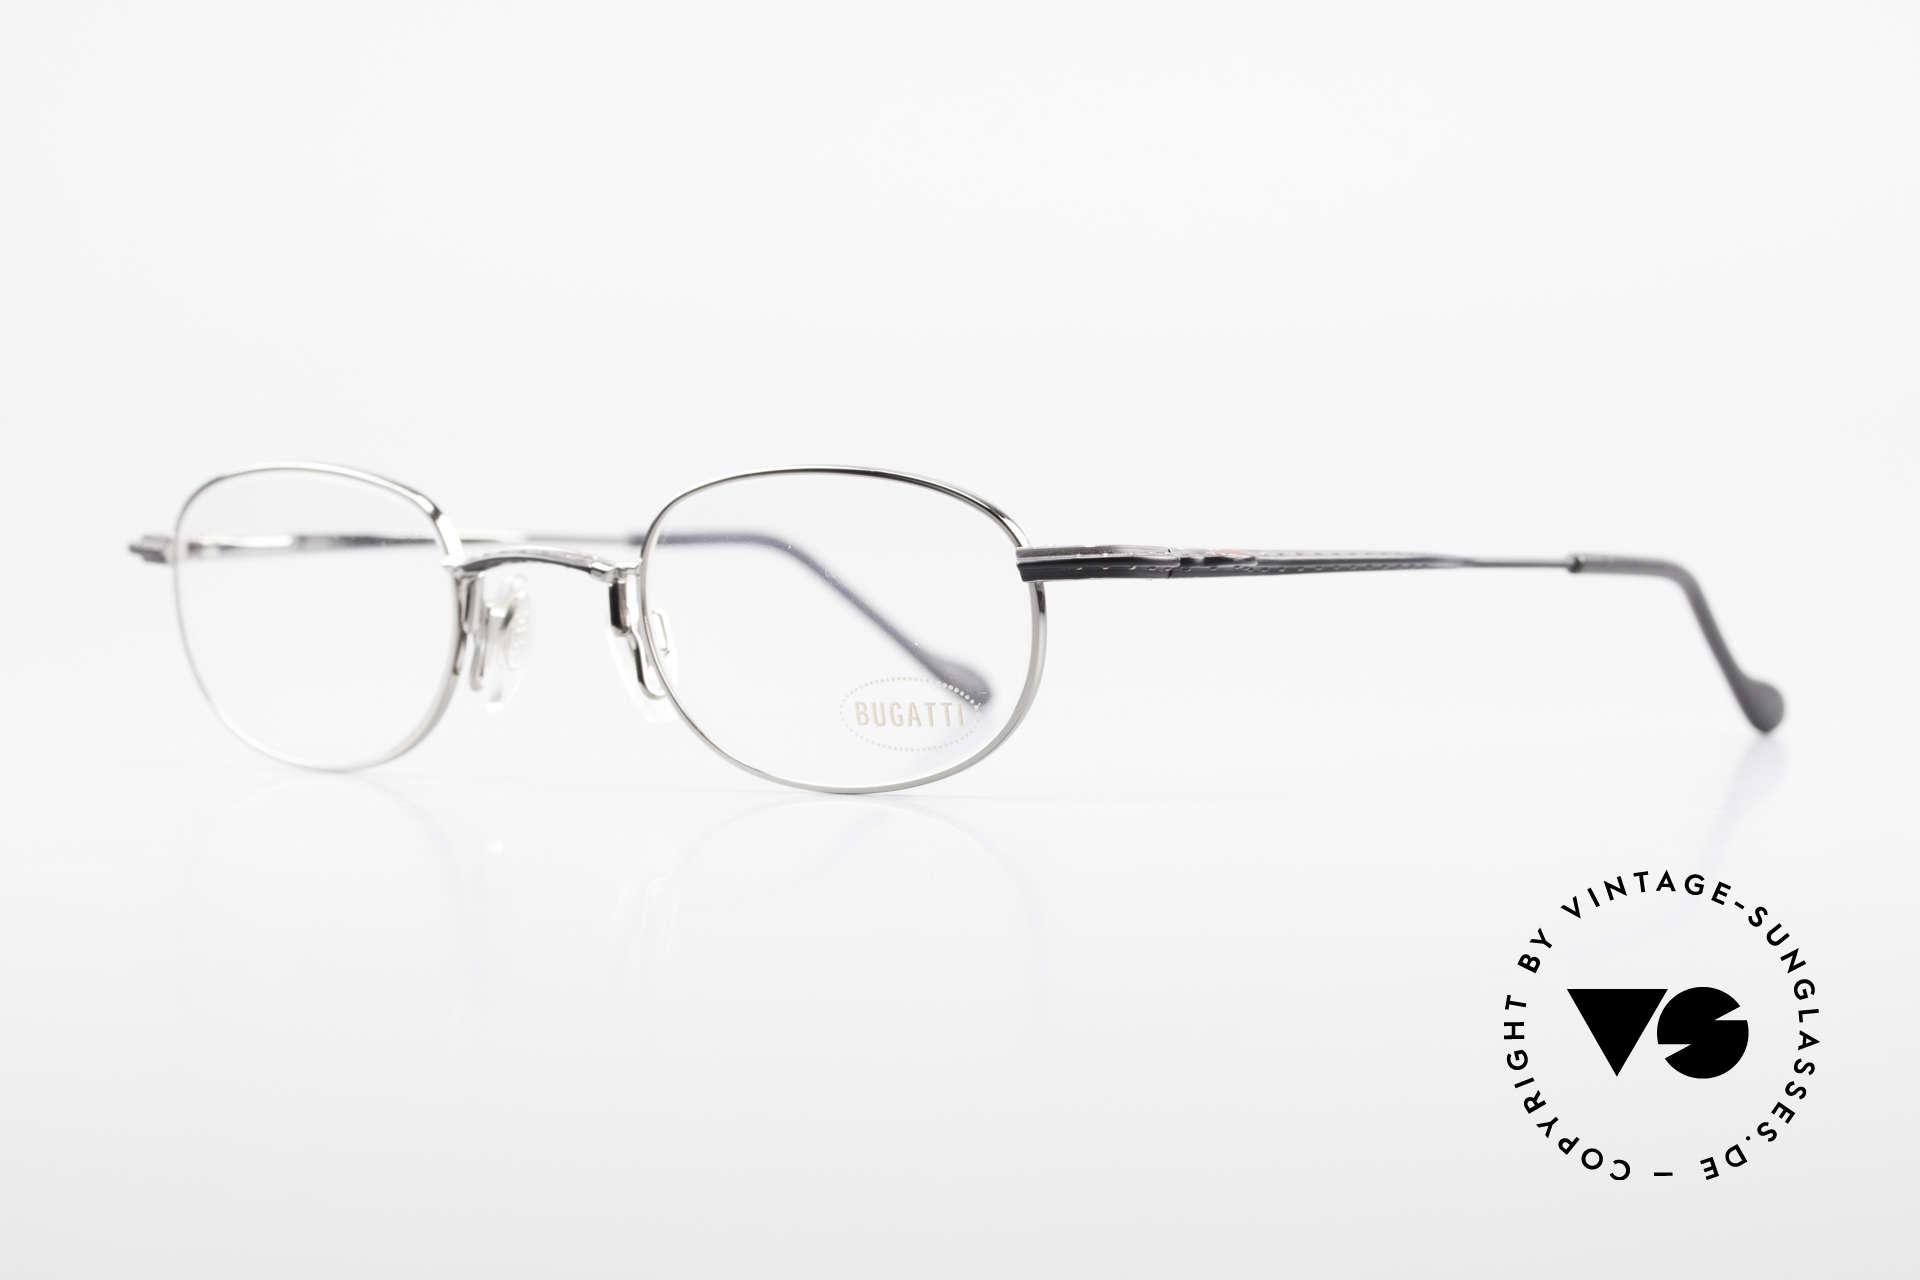 Bugatti 23562 Rare 90er Luxus Brillenfassung, ergonomisch geformter Rahmen in Top-Qualität, Passend für Herren